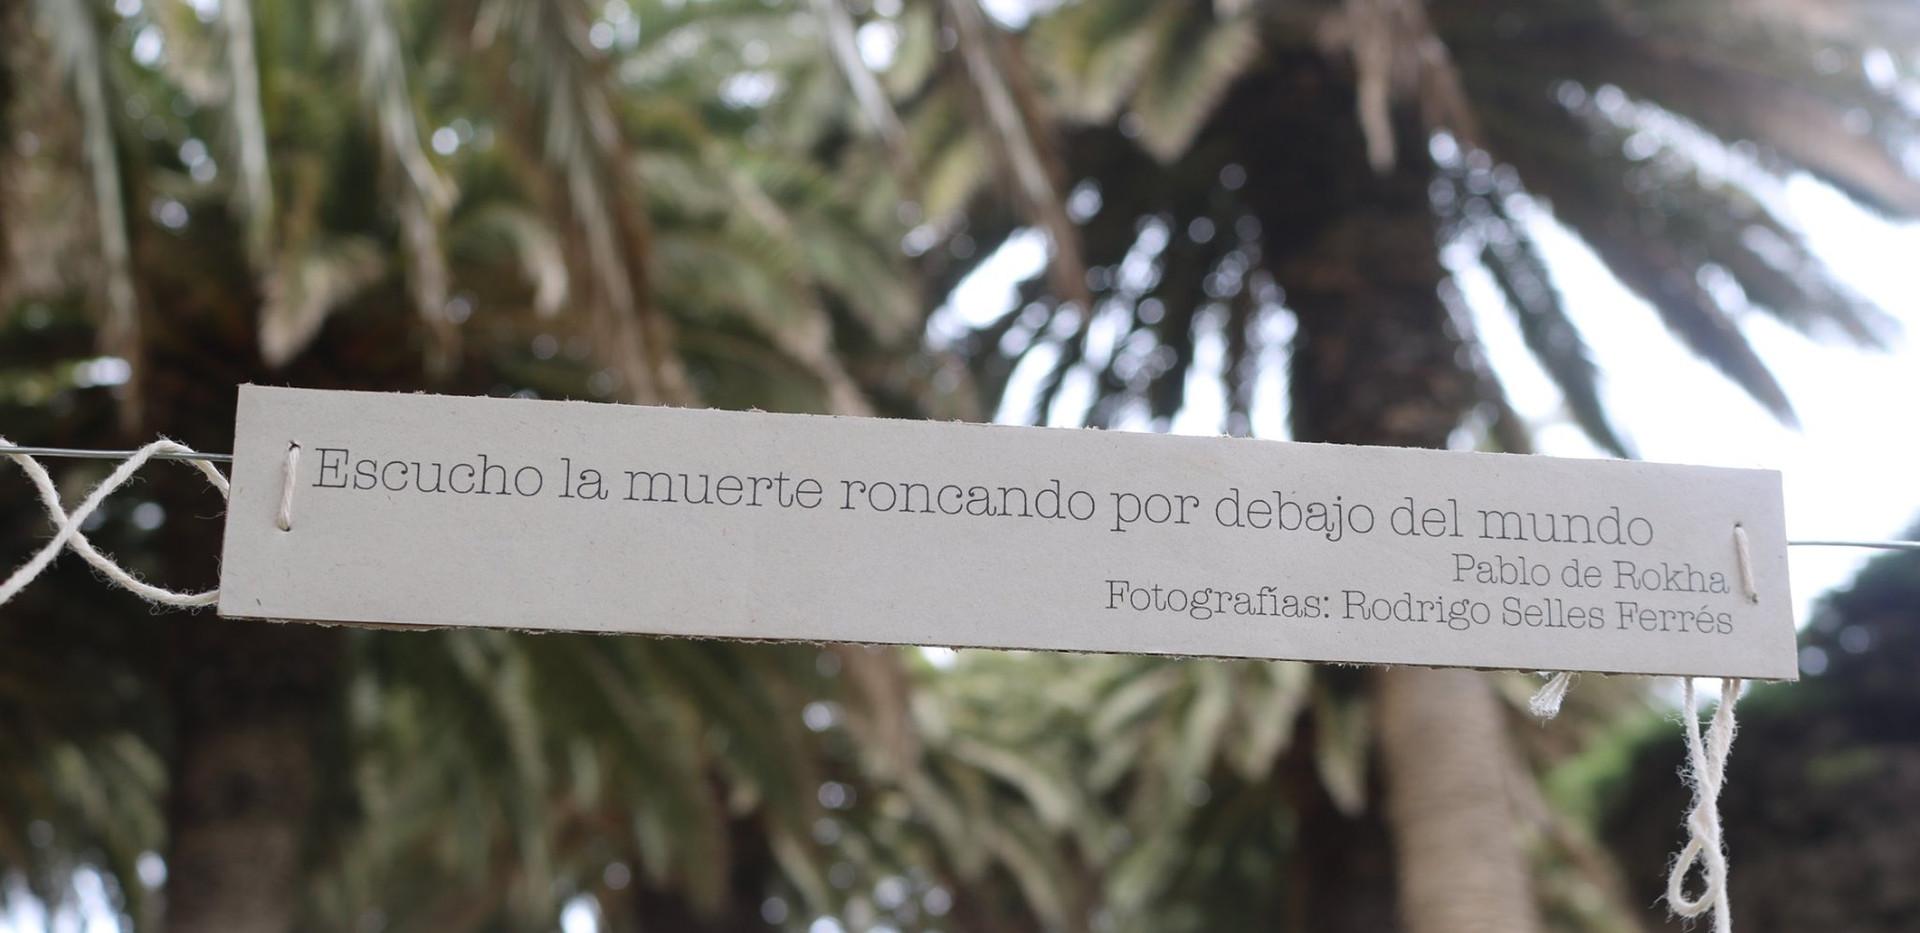 Pablo de Rokha